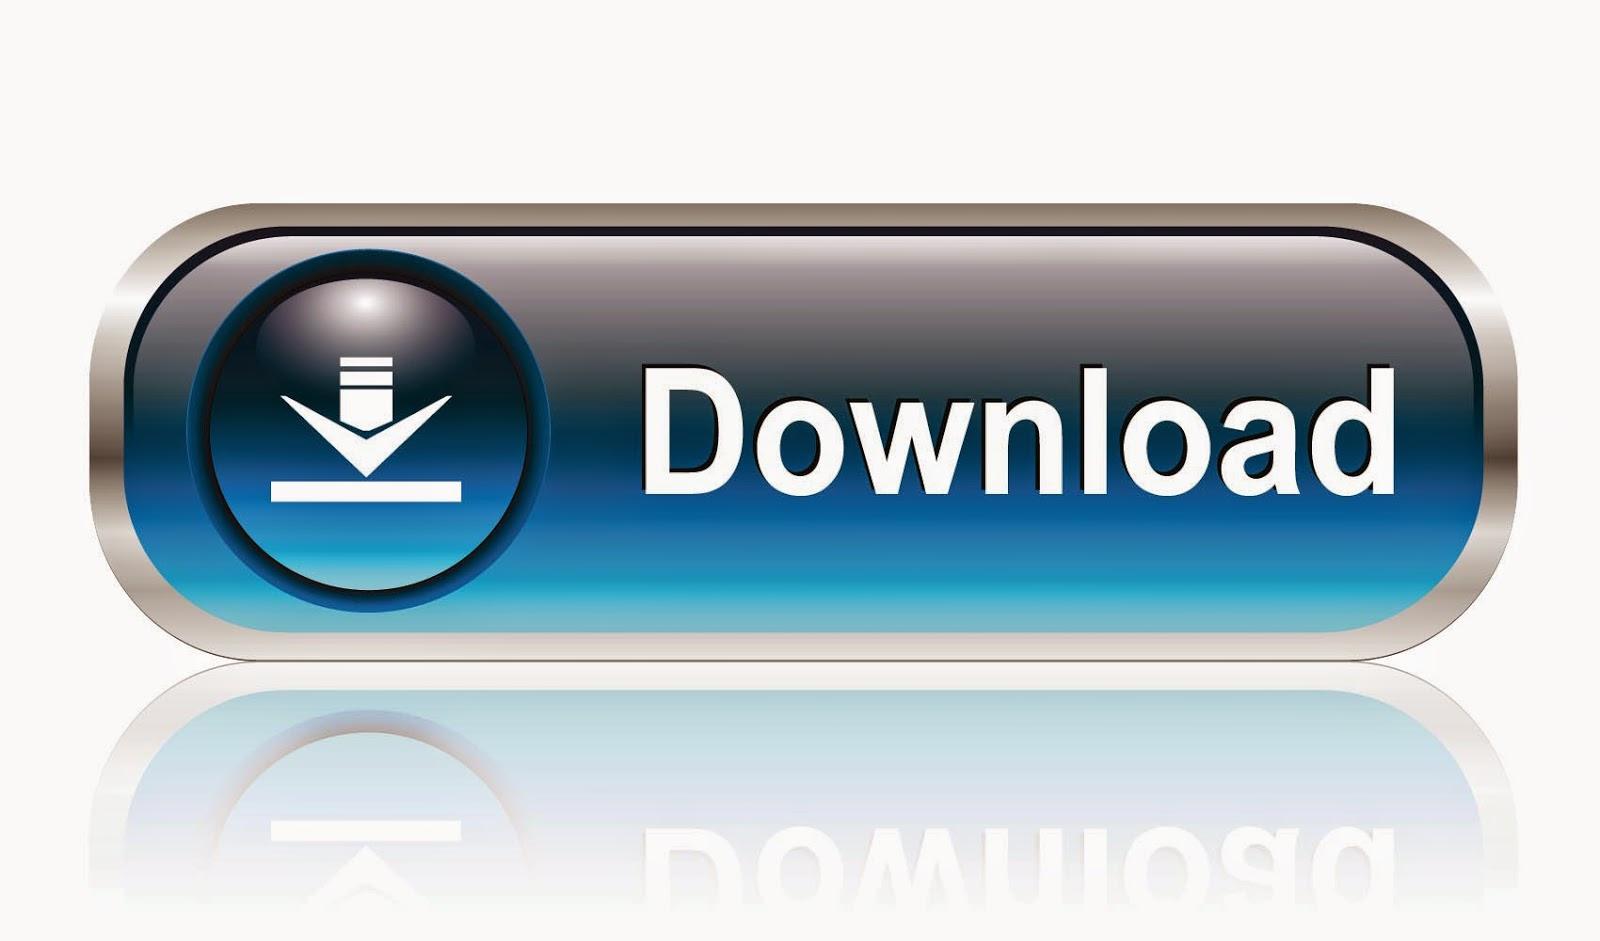 """<img src=""""http://4.bp.blogspot.com/-dlAVwZAT0AM/U2PT2C4BuxI/AAAAAAAACdE/oPsFA-0paIM/s1600/driving-speed-free-download.png"""" alt=""""Driving Speed 2.0.9 Free Download"""" />"""